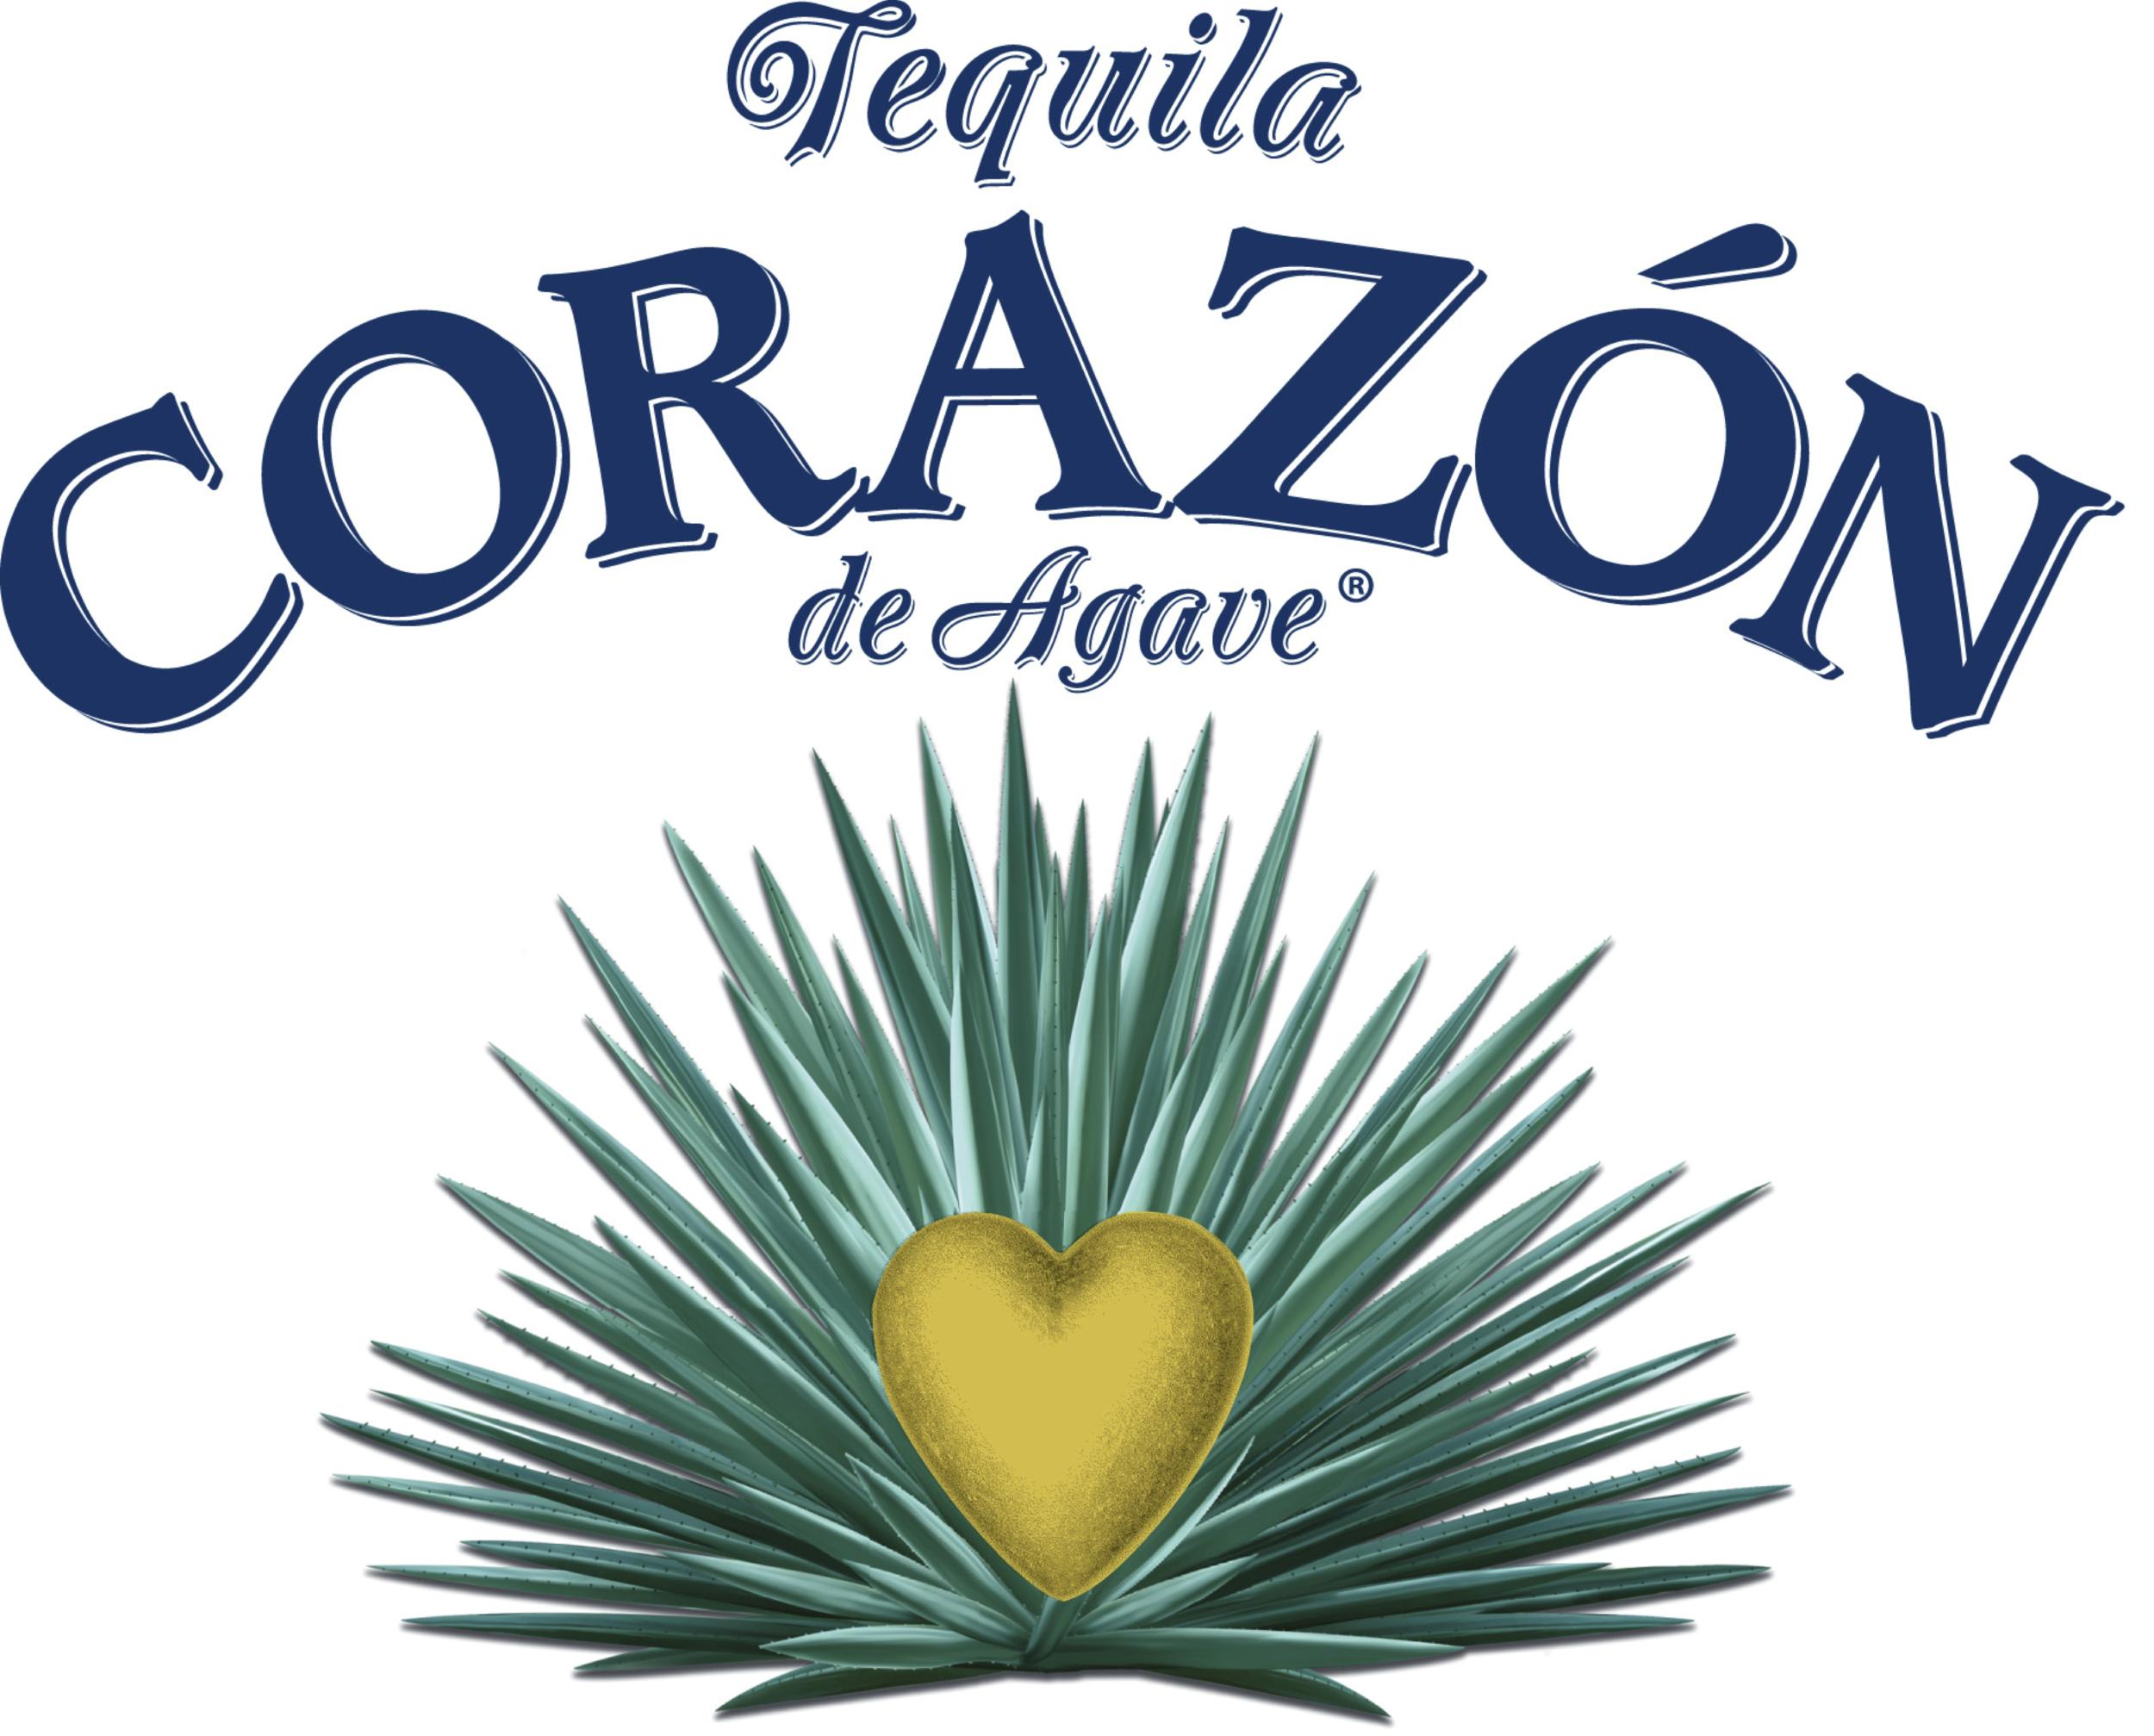 DOD CorazonFullLogo4c.png